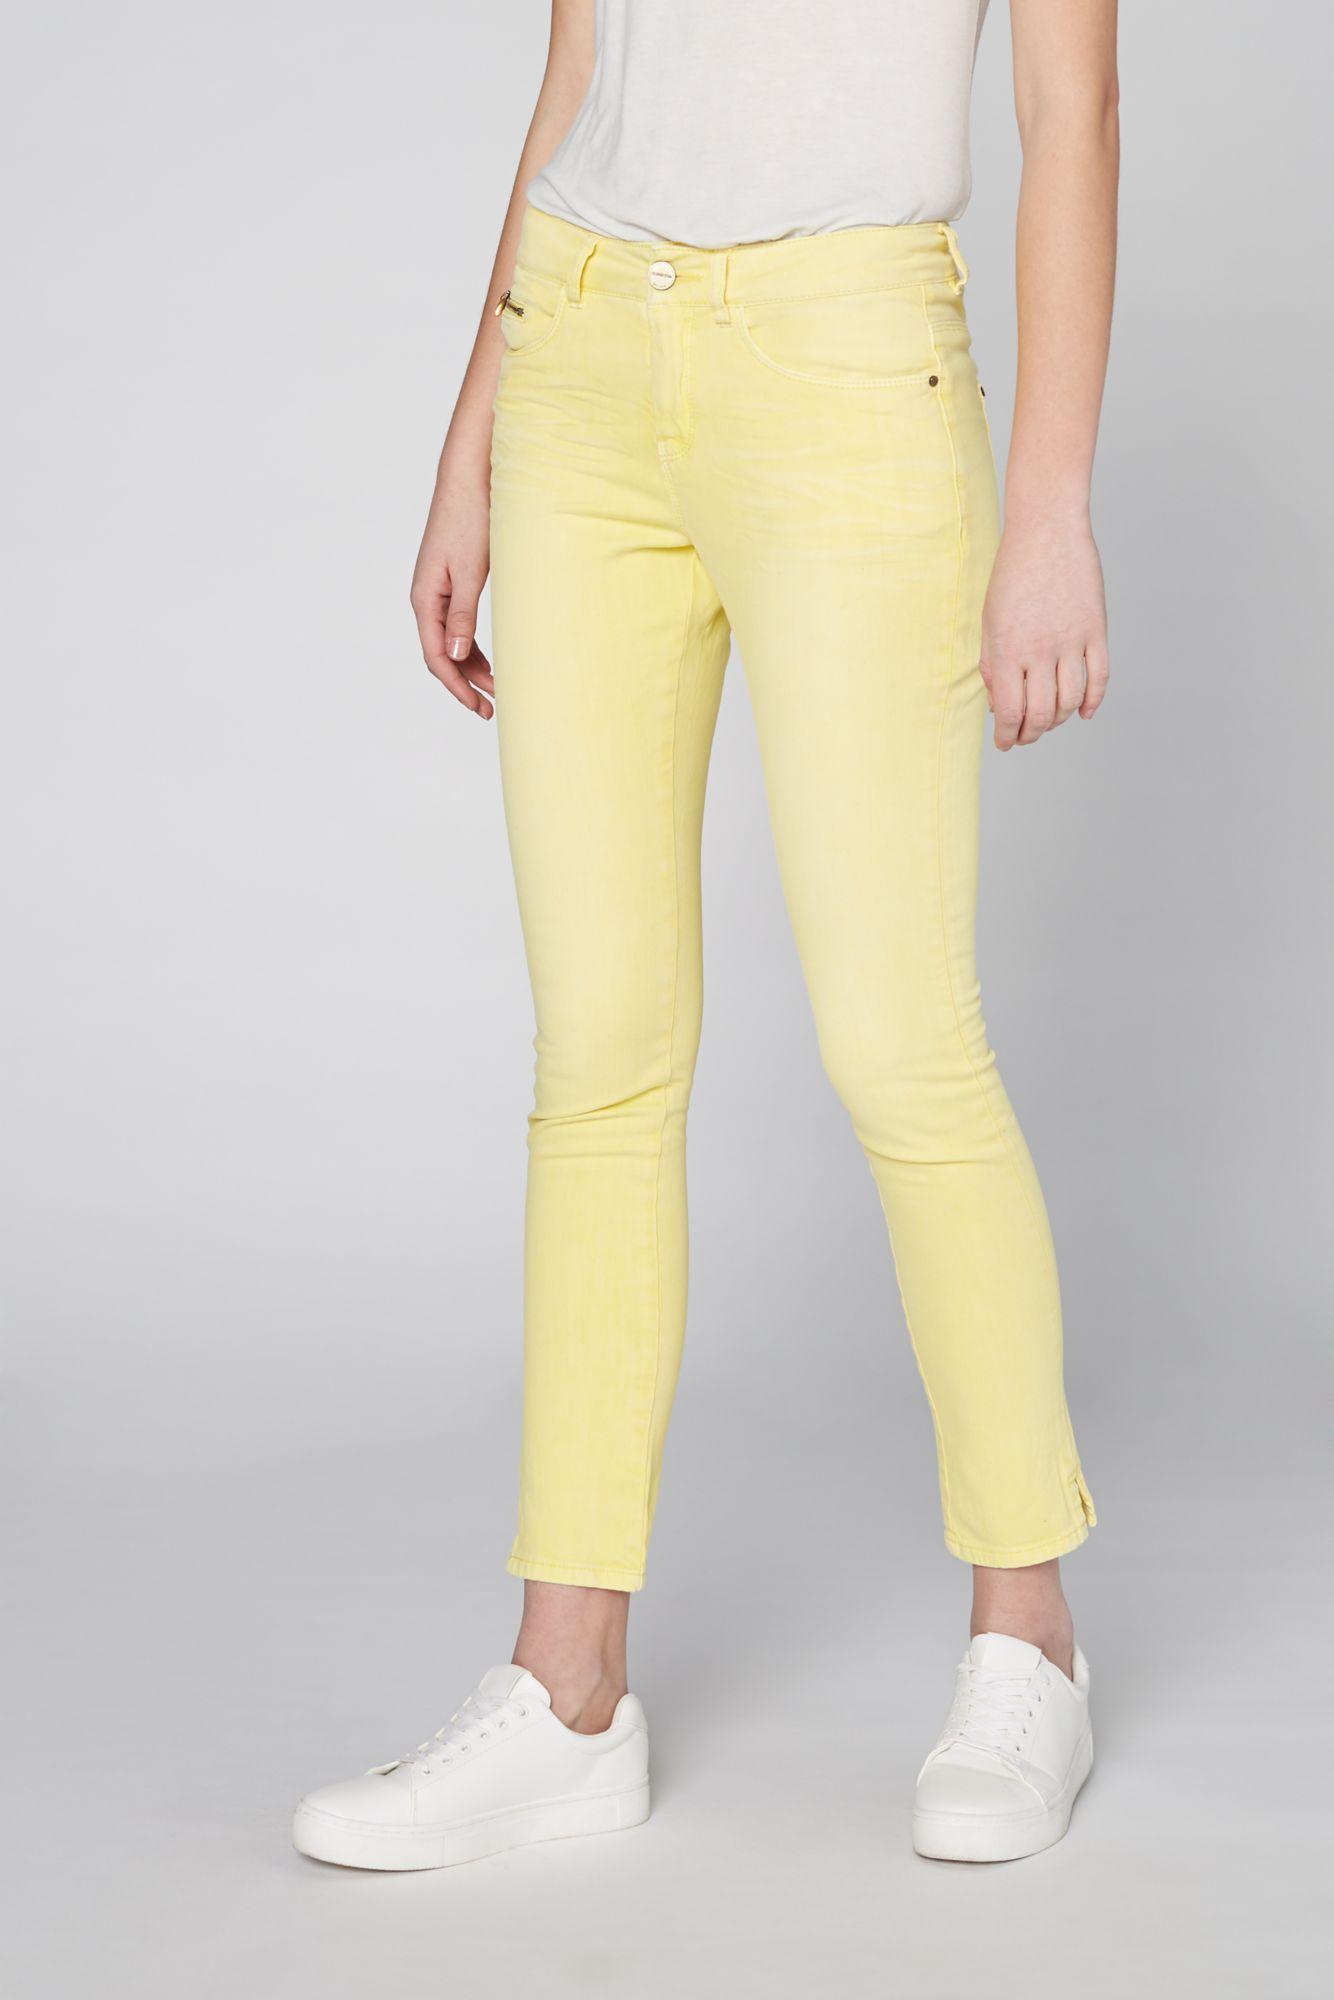 COLORADO DENIM  Jeans »C912 ANKLE Damen Jeans«